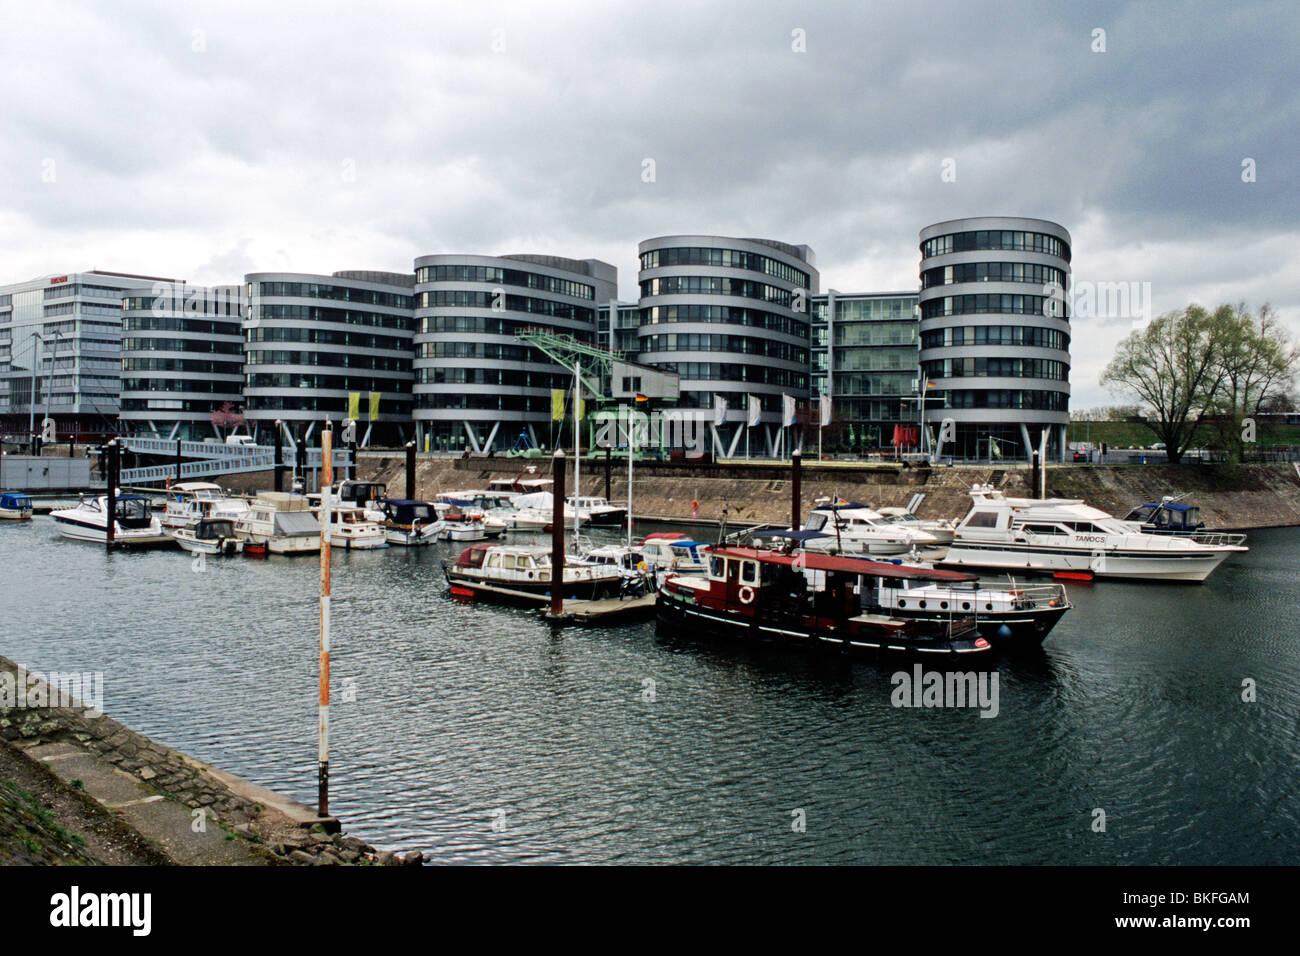 Duisburg Marina (inland harbour) - Stock Image